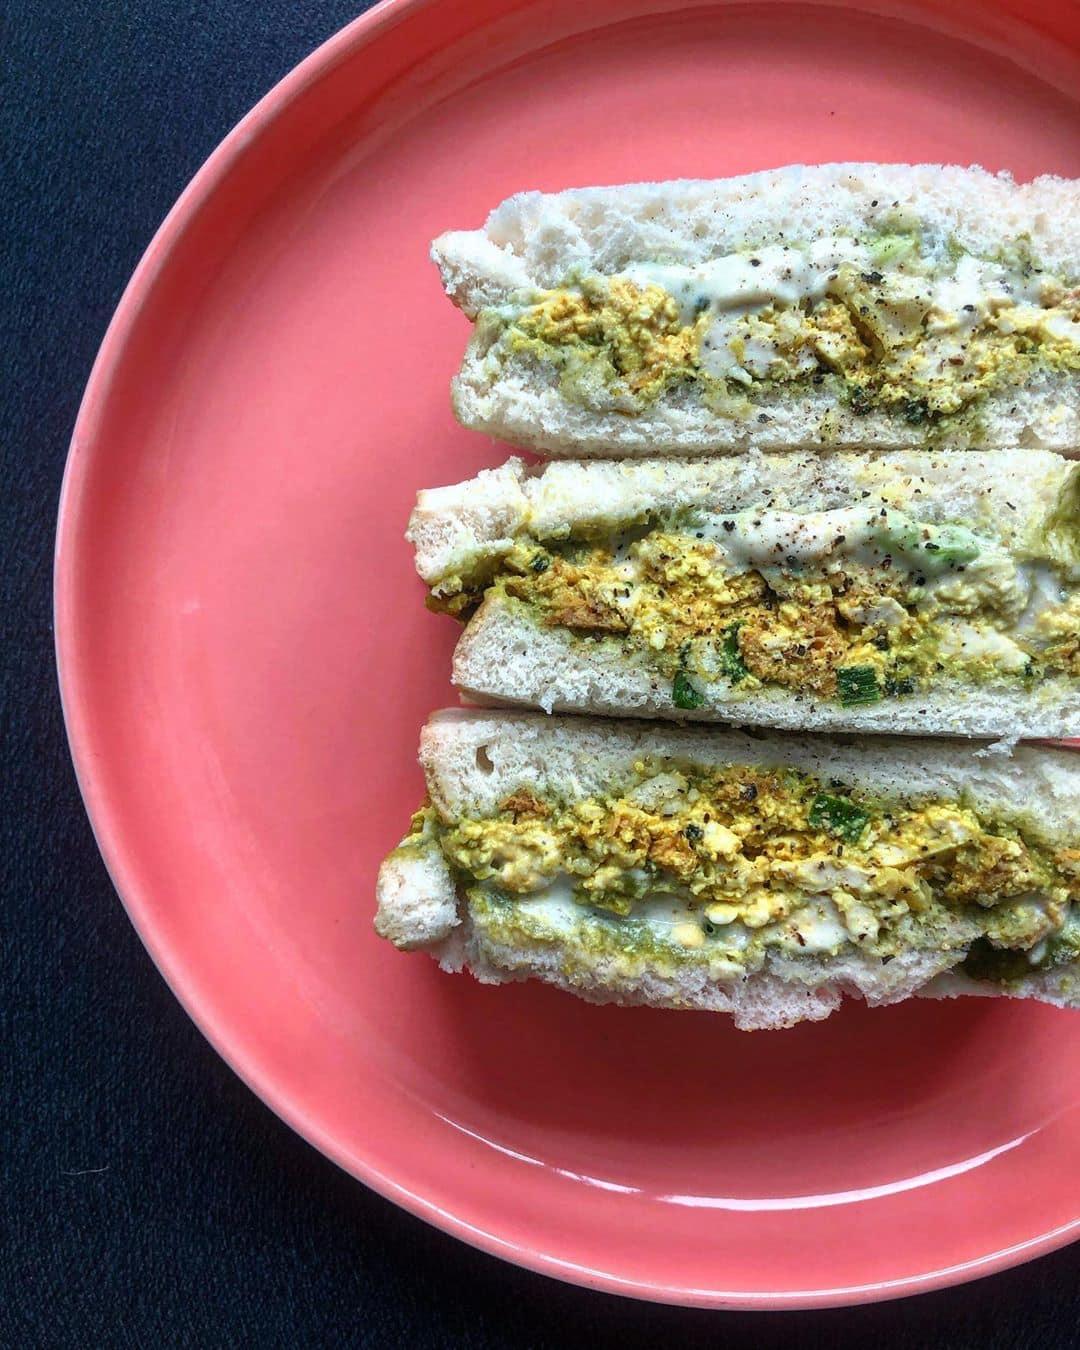 Plant-based egg salad sandwich